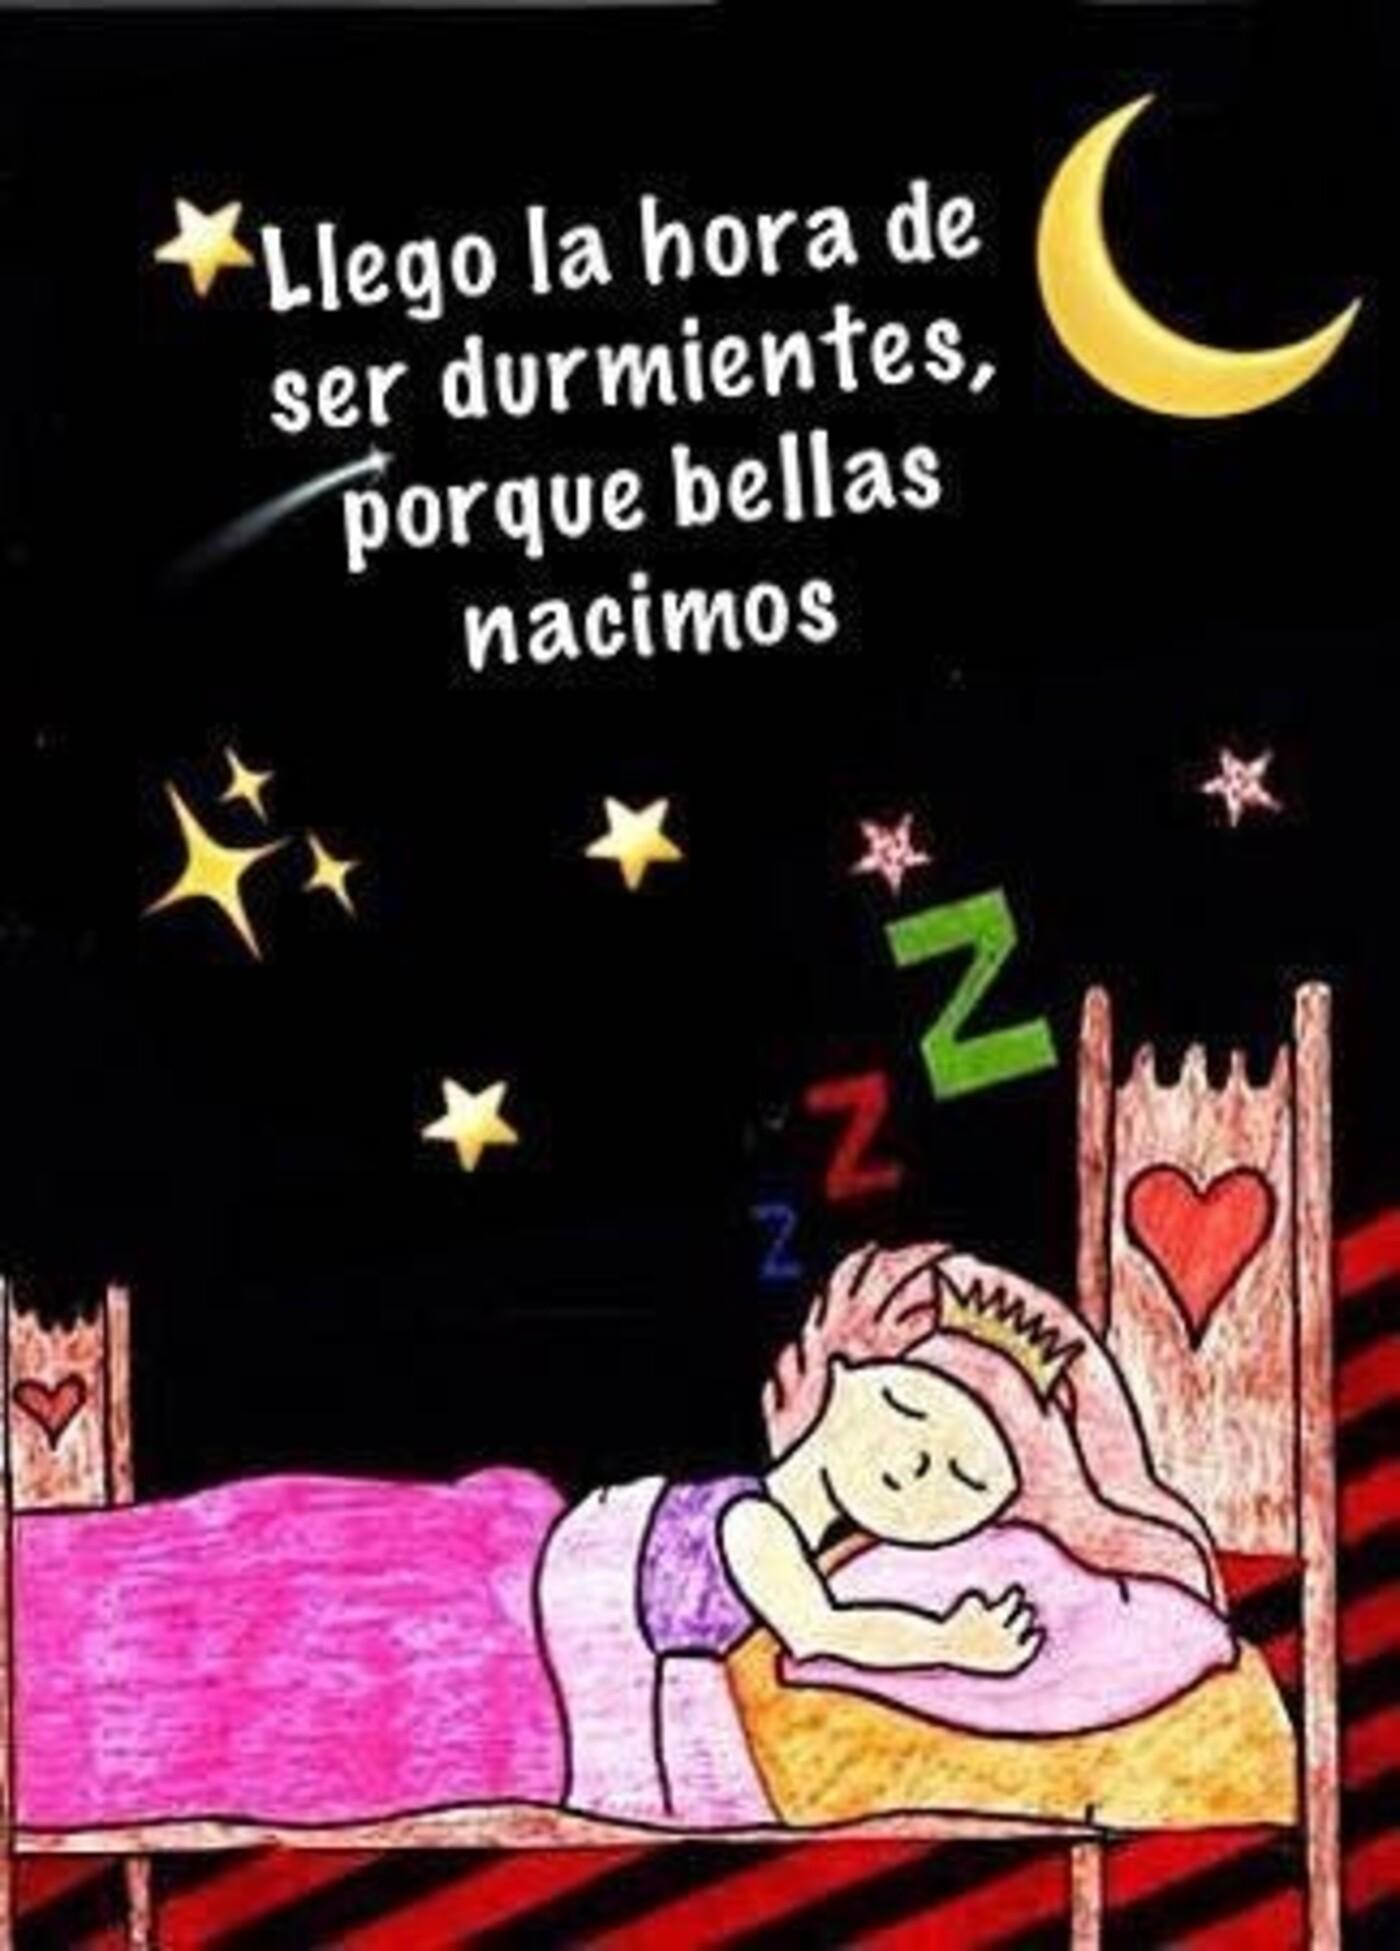 Llego la hora de ser durmientes, porque bellas nacimos